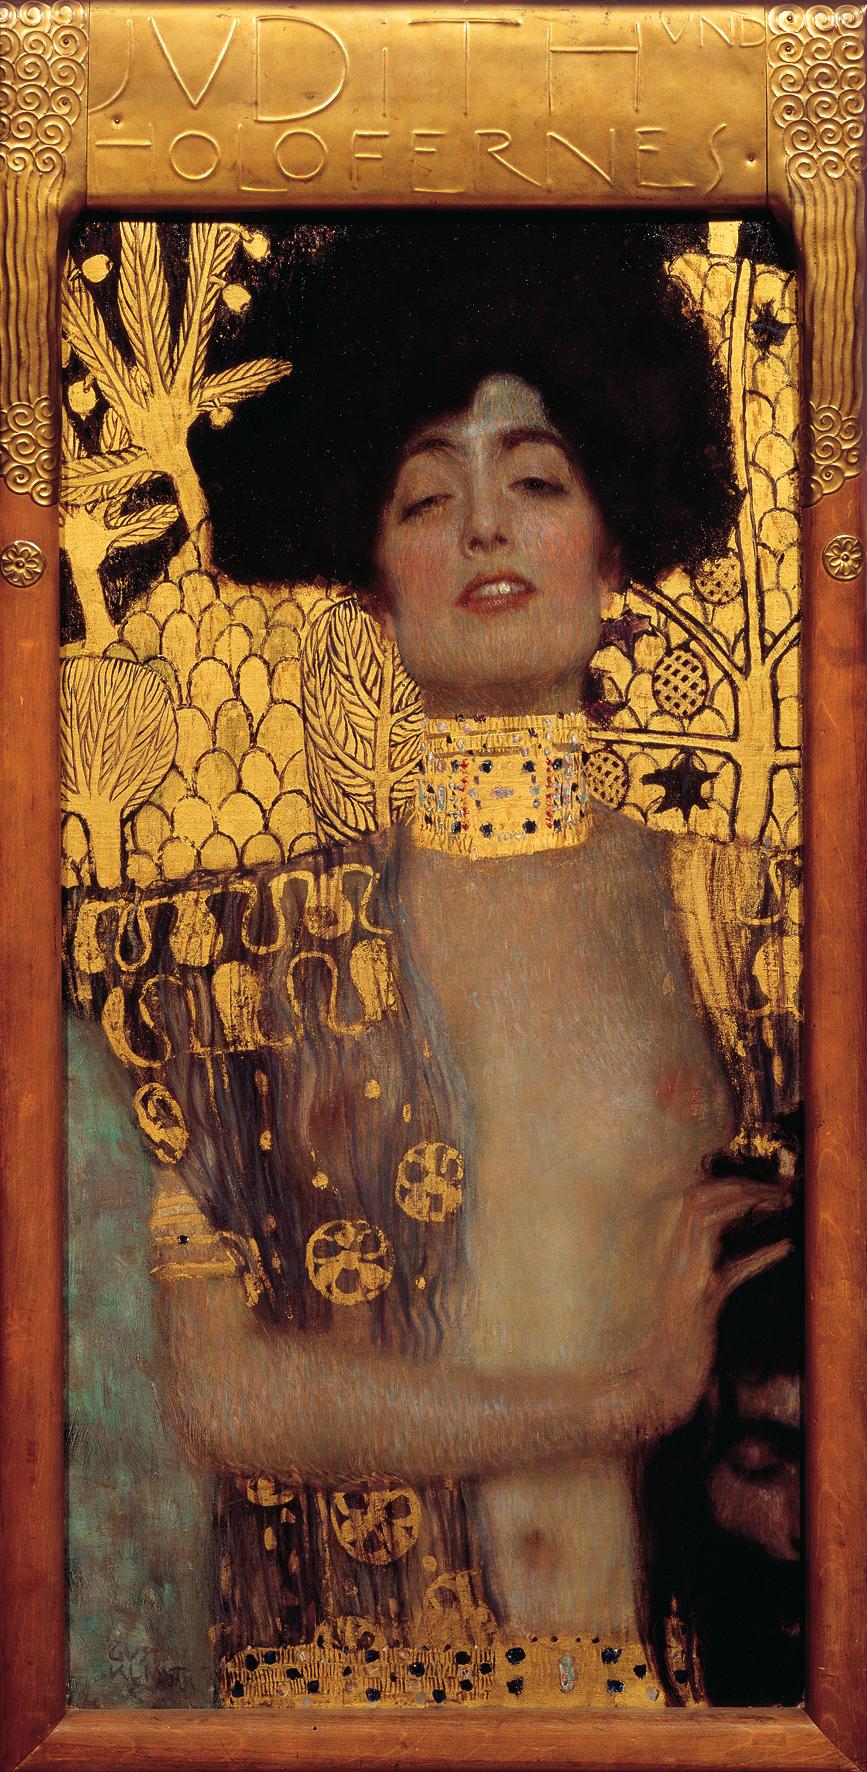 Gustav Klimt, Judith 1, 1901. Collectie Österreichische Galerie Belvedere, Wenen.